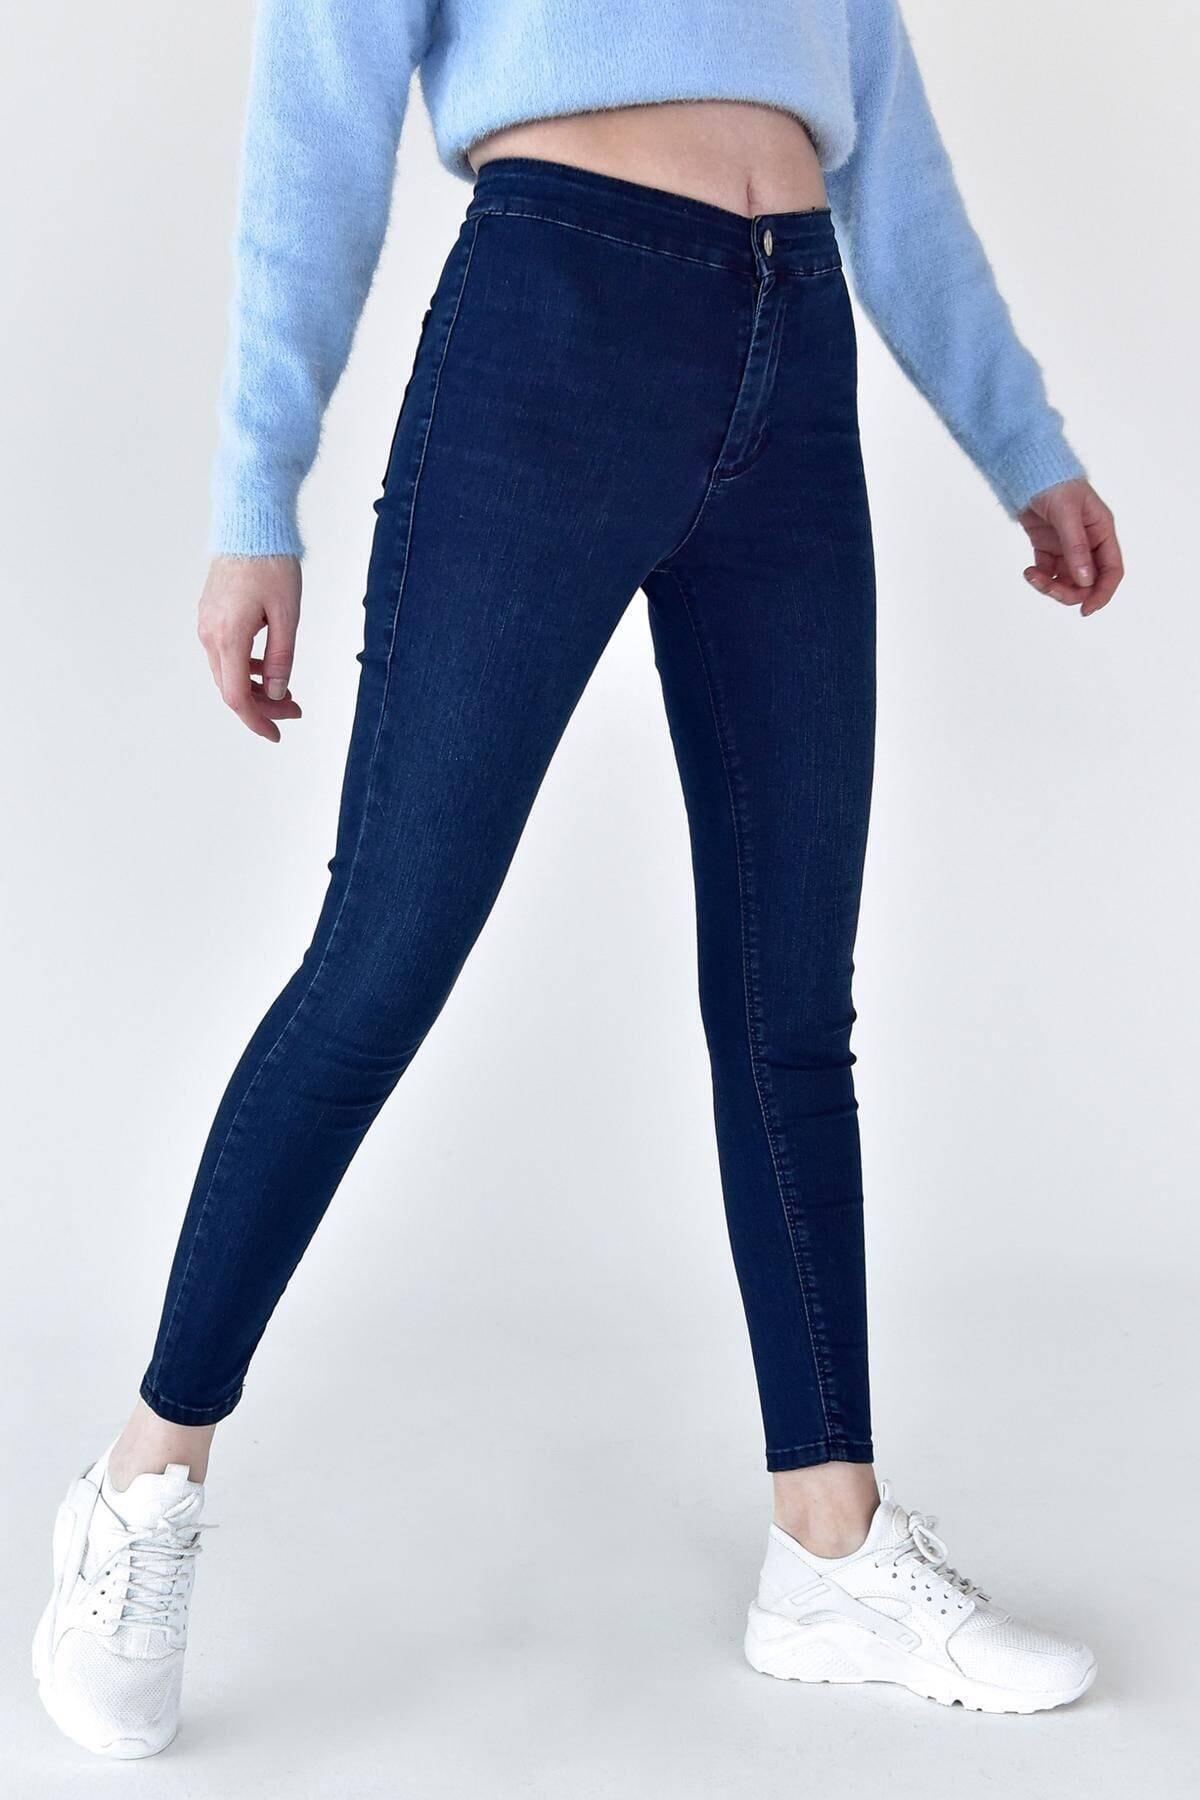 Addax Kadın Koyu Kot Rengi Yüksek Bel Pantolon Pn6525 - Pnj Adx-0000021236 1